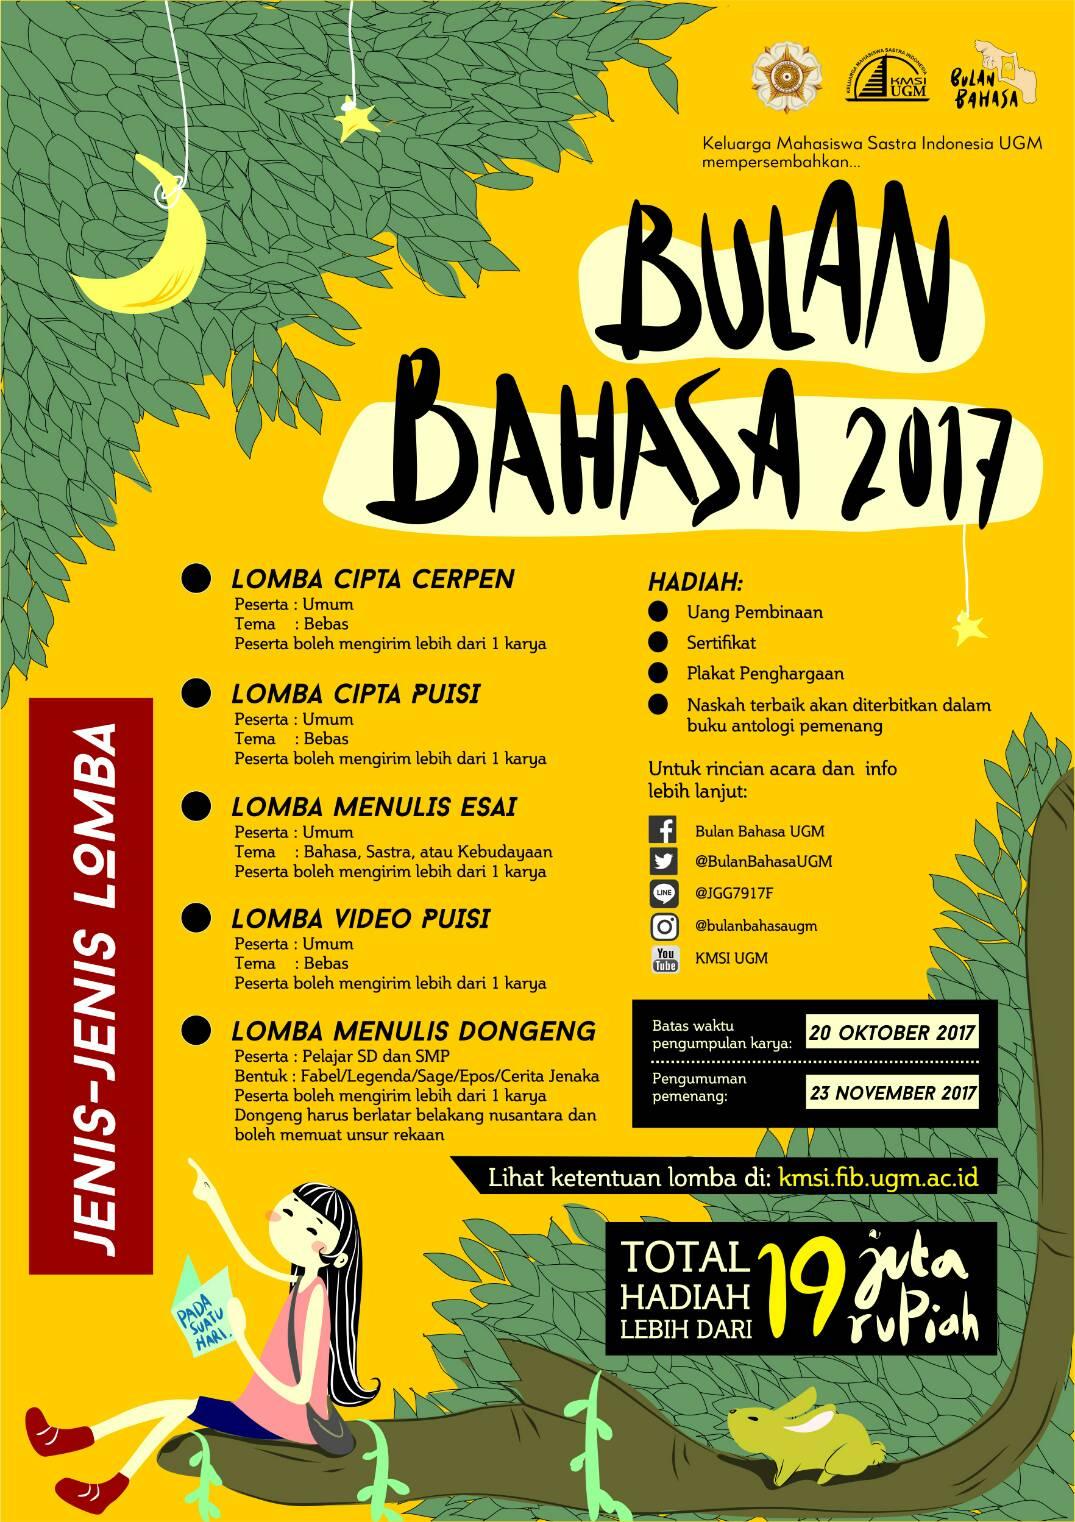 Lomba Video Puisi Bulan Bahasa 2017 | Univ. Gadjah Mada | Umum